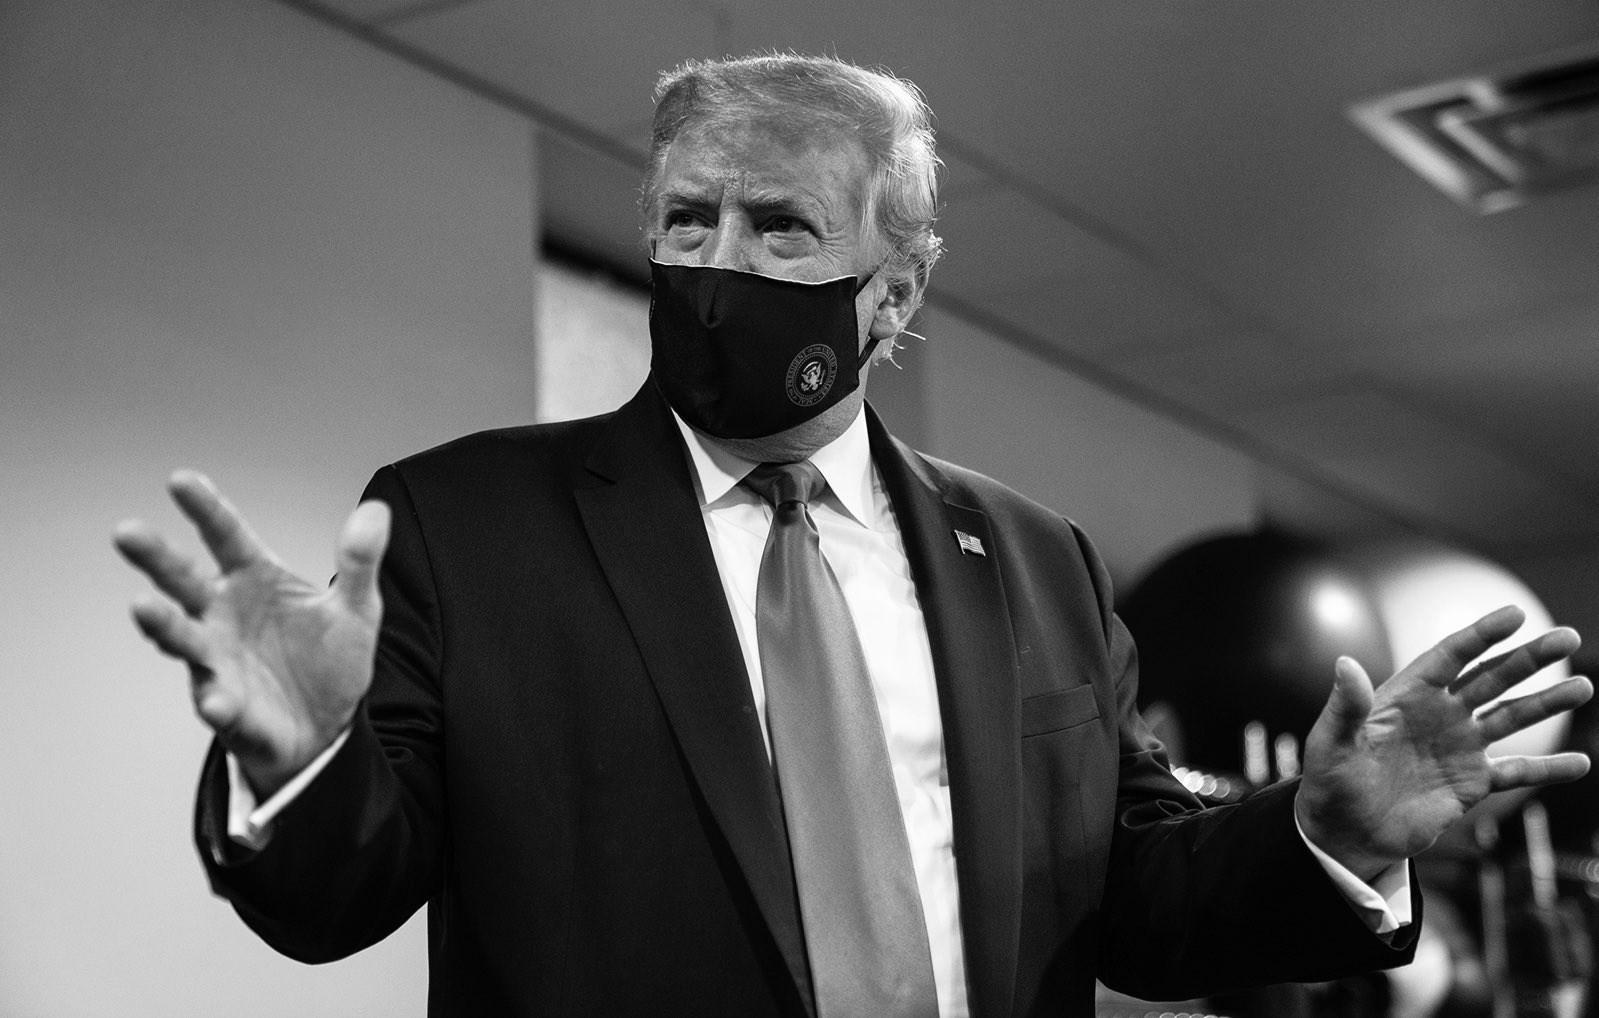 trump in mask